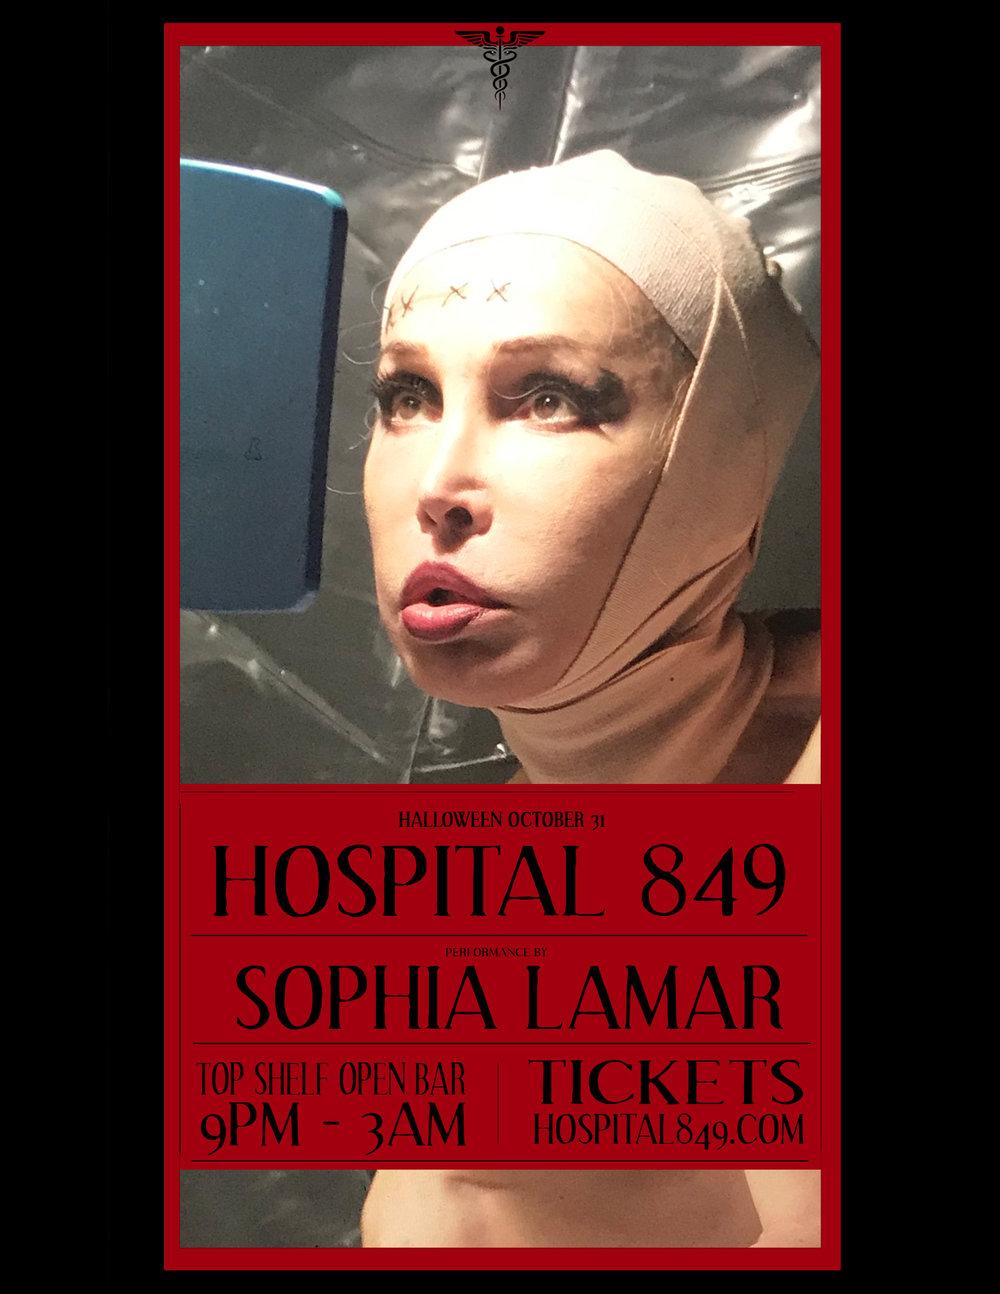 9 sophia lamar-L.jpg